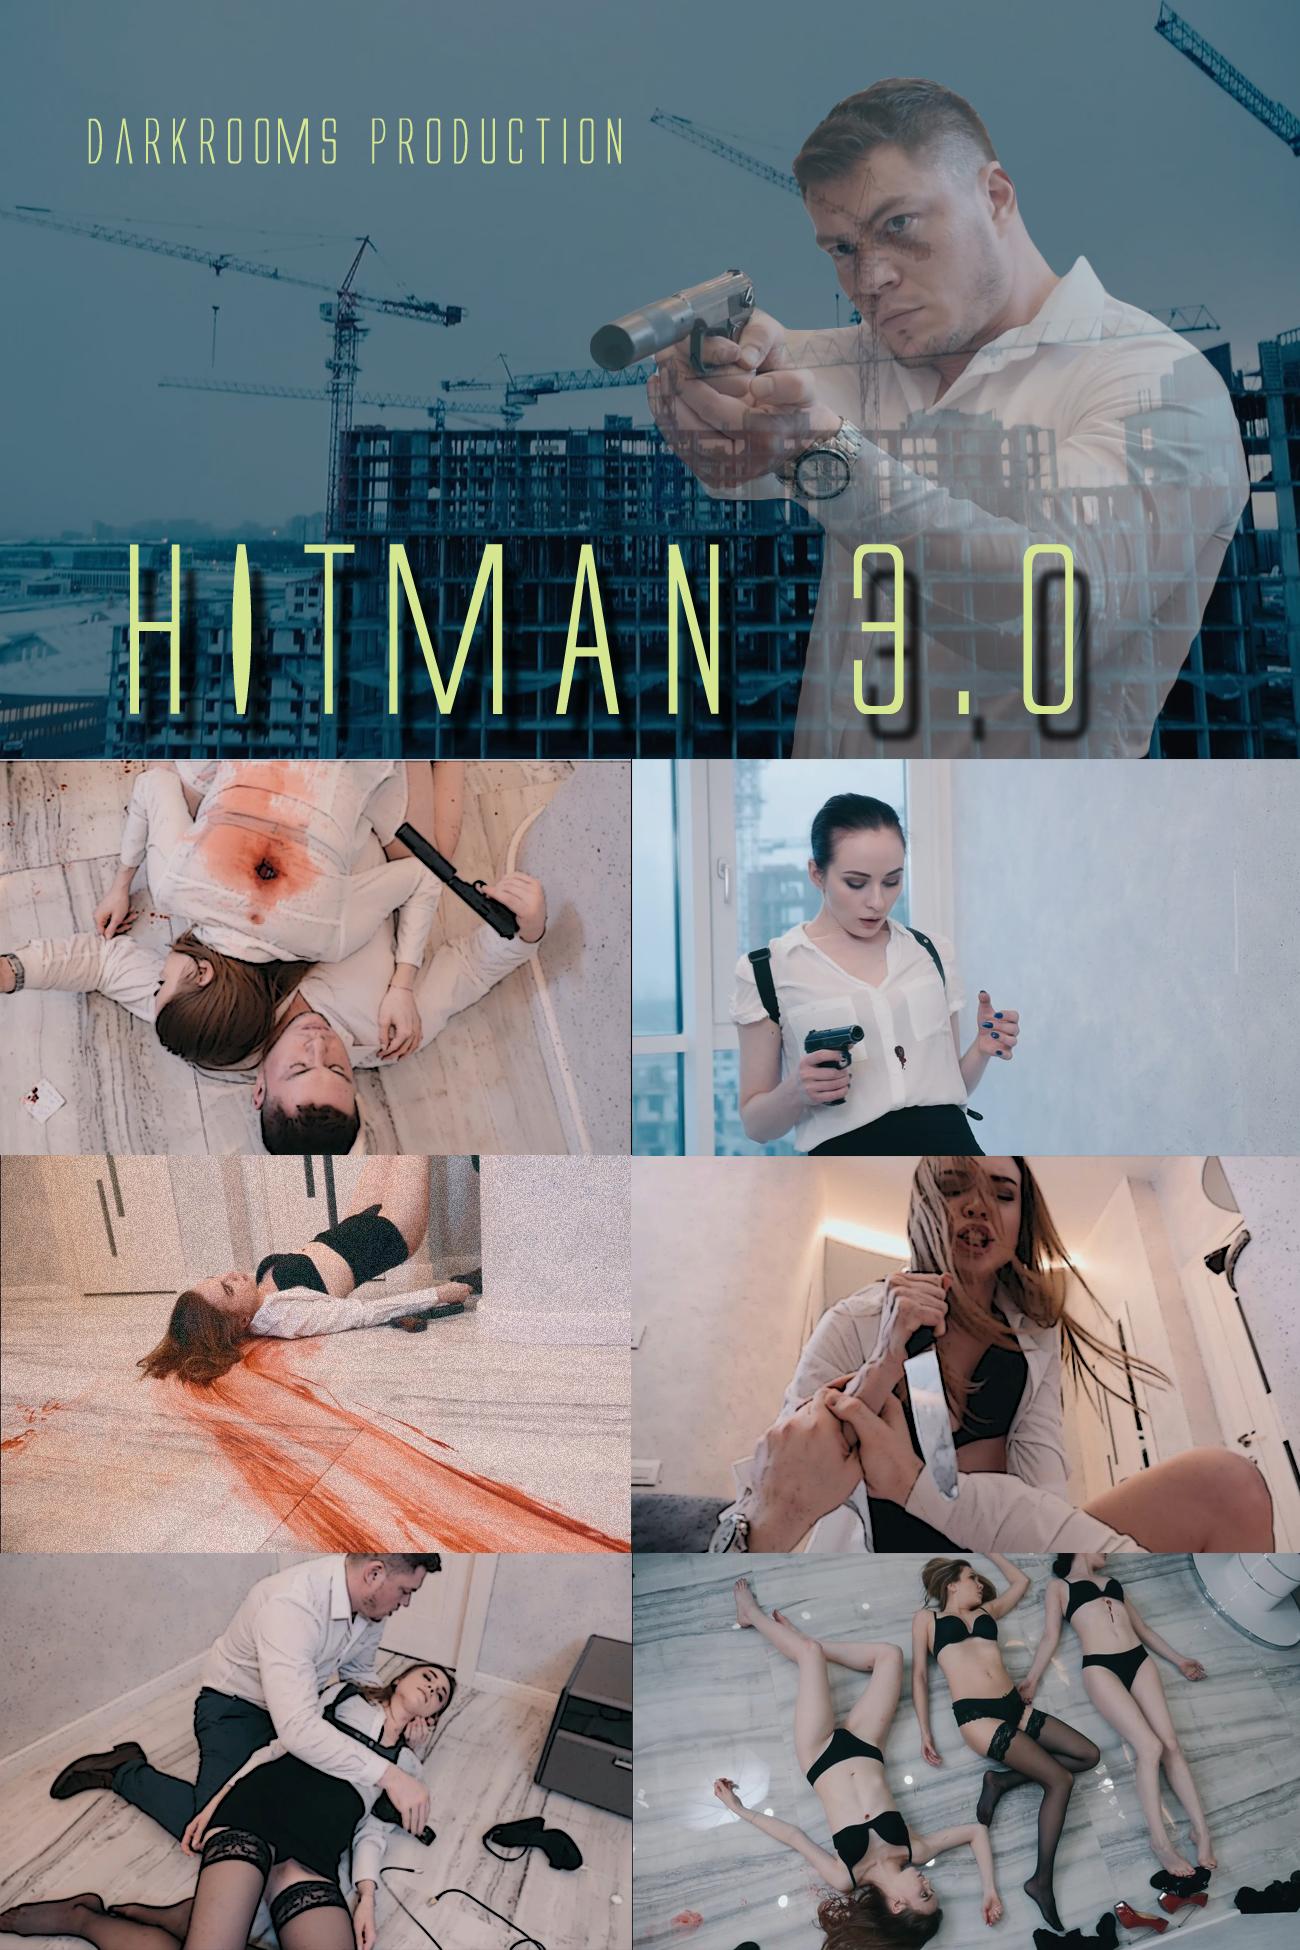 HITMAN 3.0